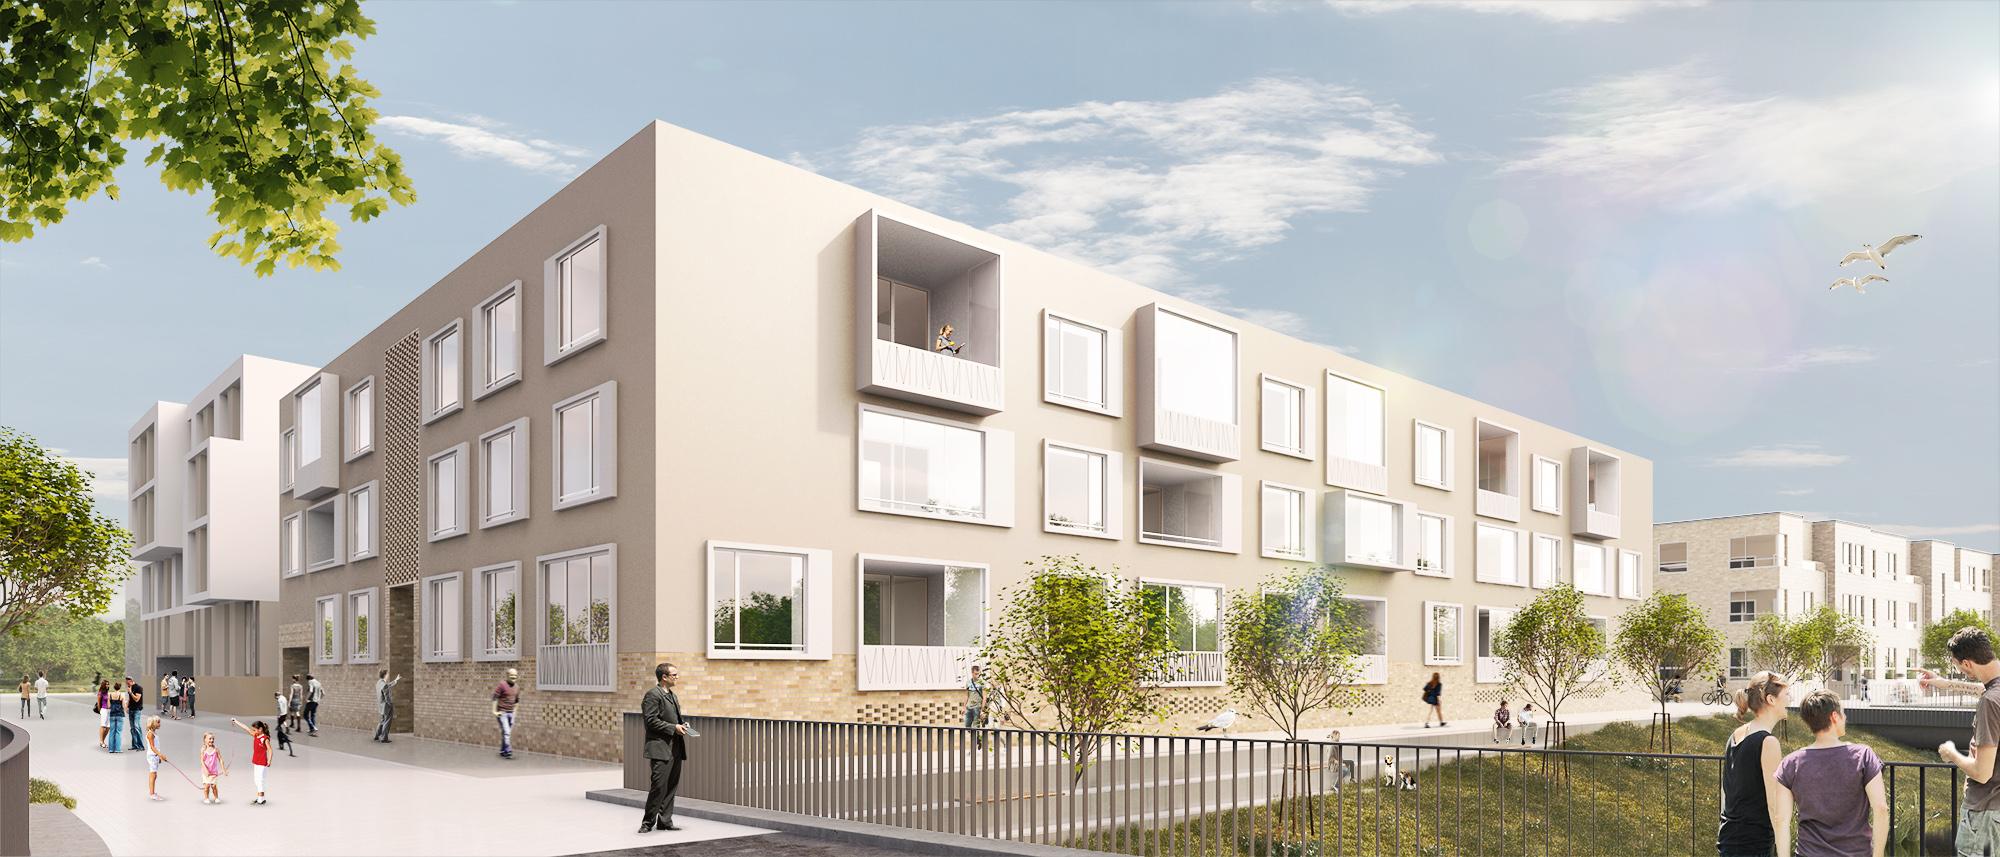 Architekten Rostock architekten bksp petriviertel rostock homebase2